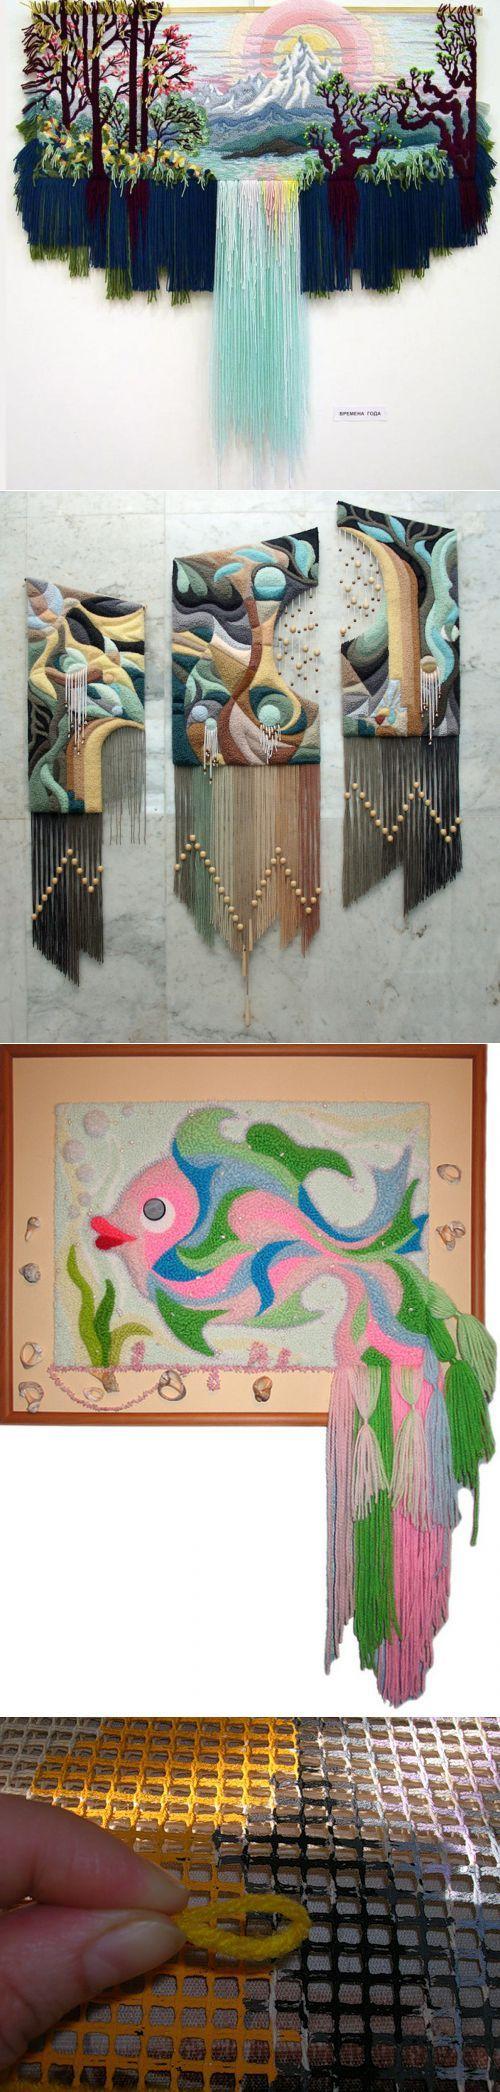 Объемные гобелены в ковровой технике Юрия Овсепяна — Рукоделие